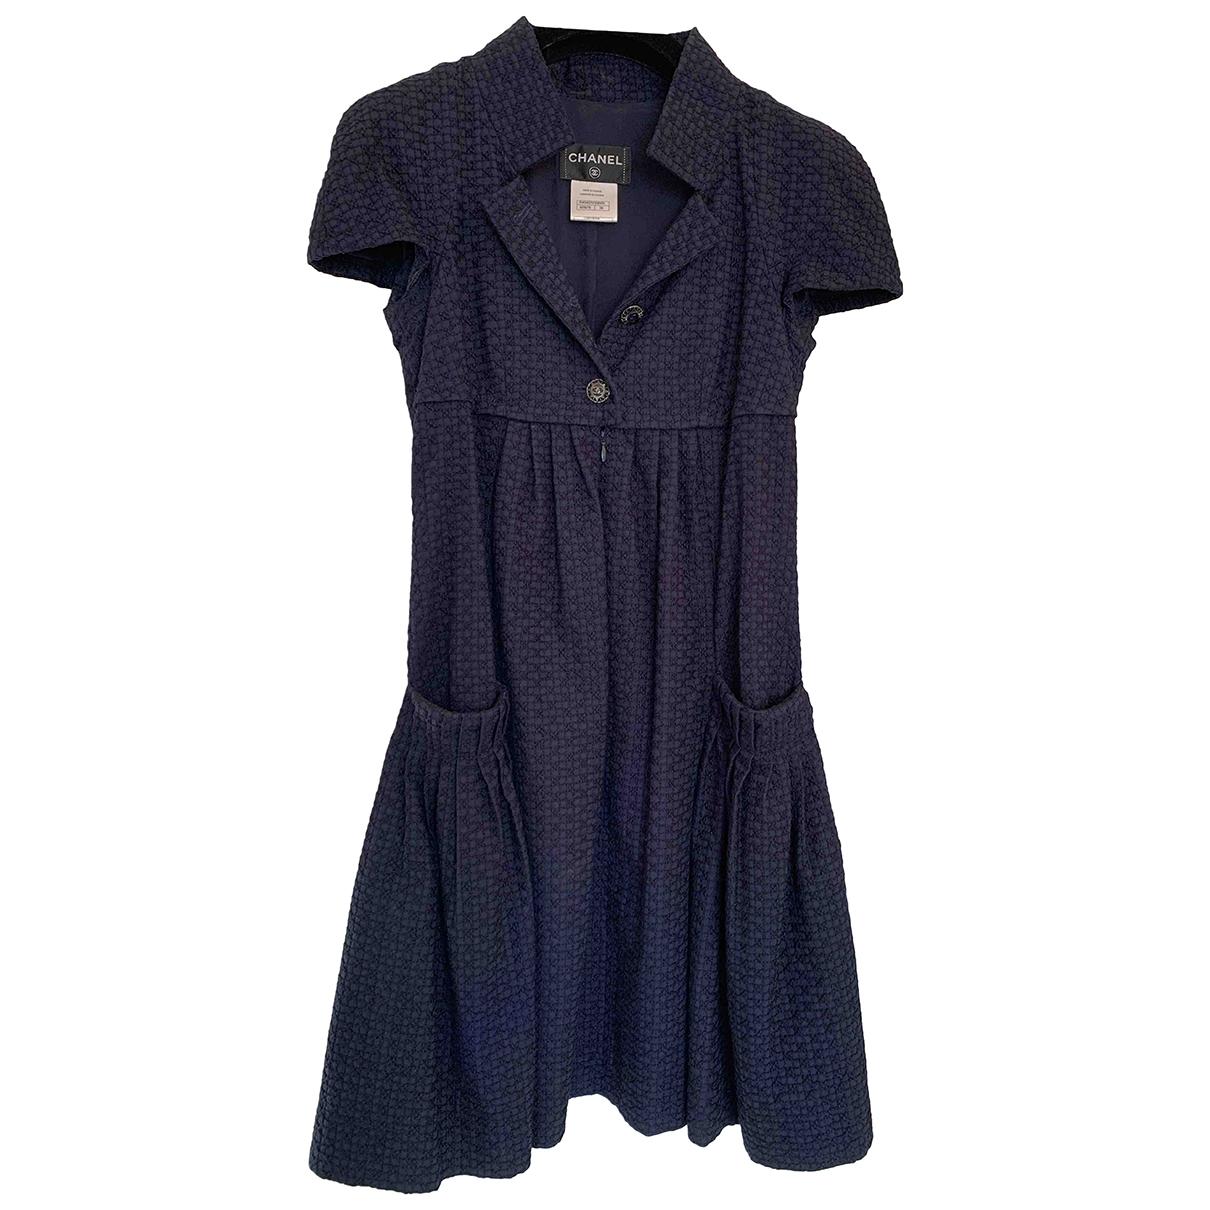 Chanel \N Kleid in  Blau Viskose